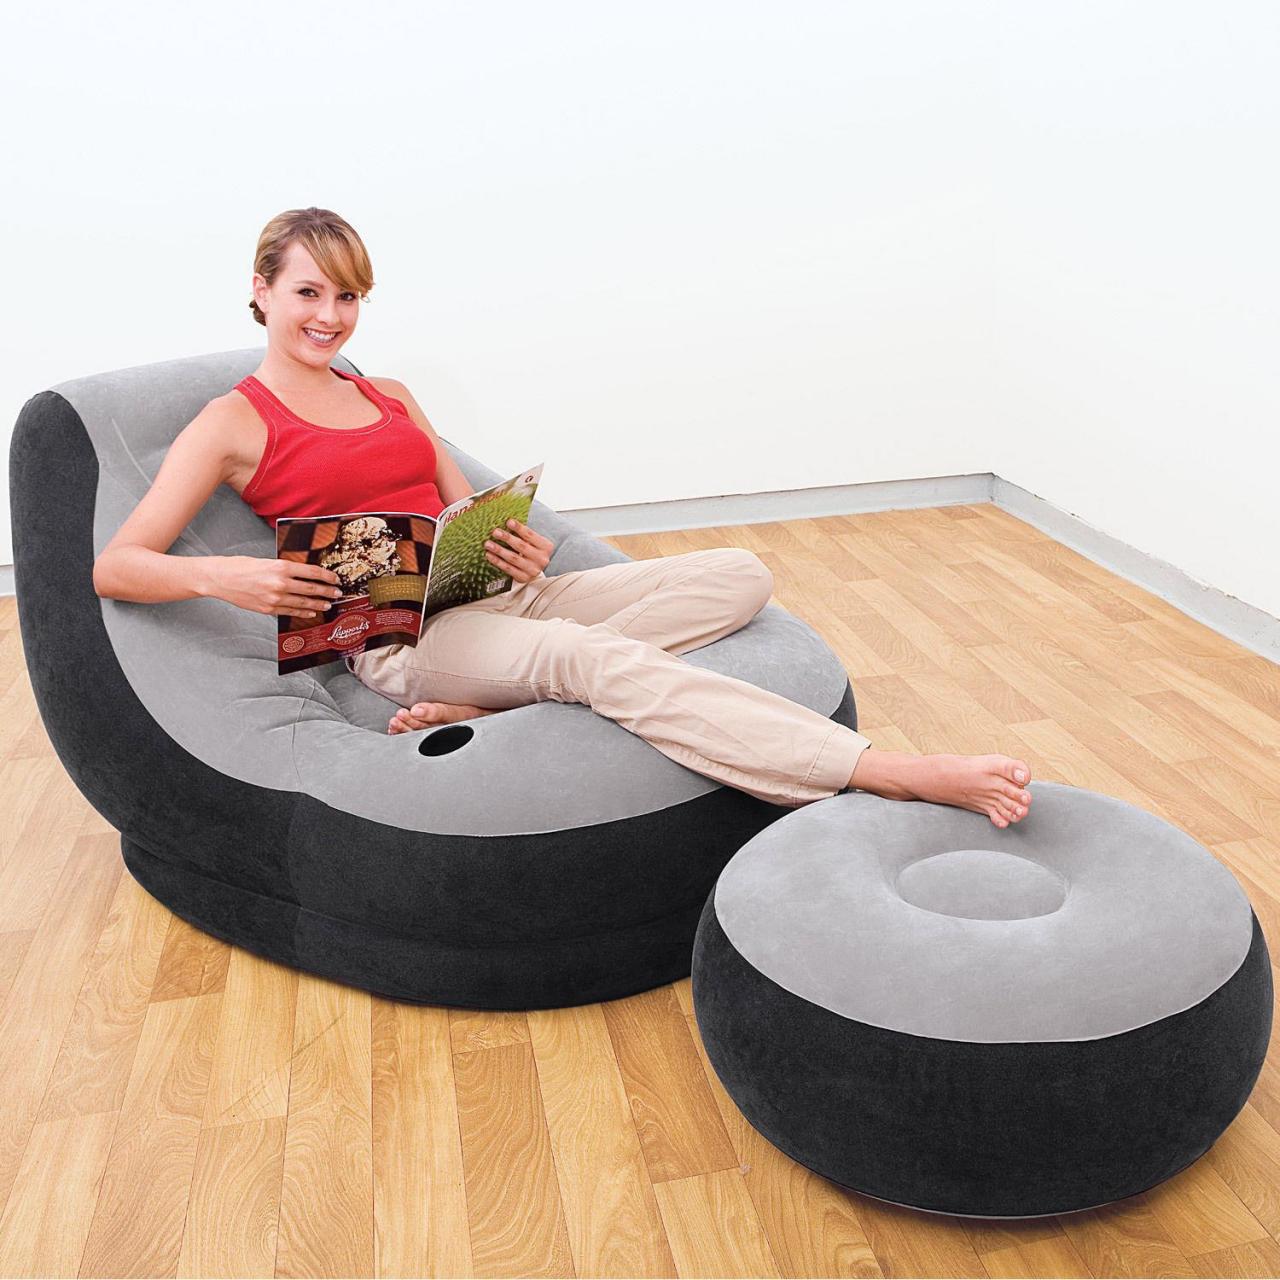 Intex 68564 Fernseh Relax Luftsessel mit Ottomane Fußhocker Lounge aufblasbar